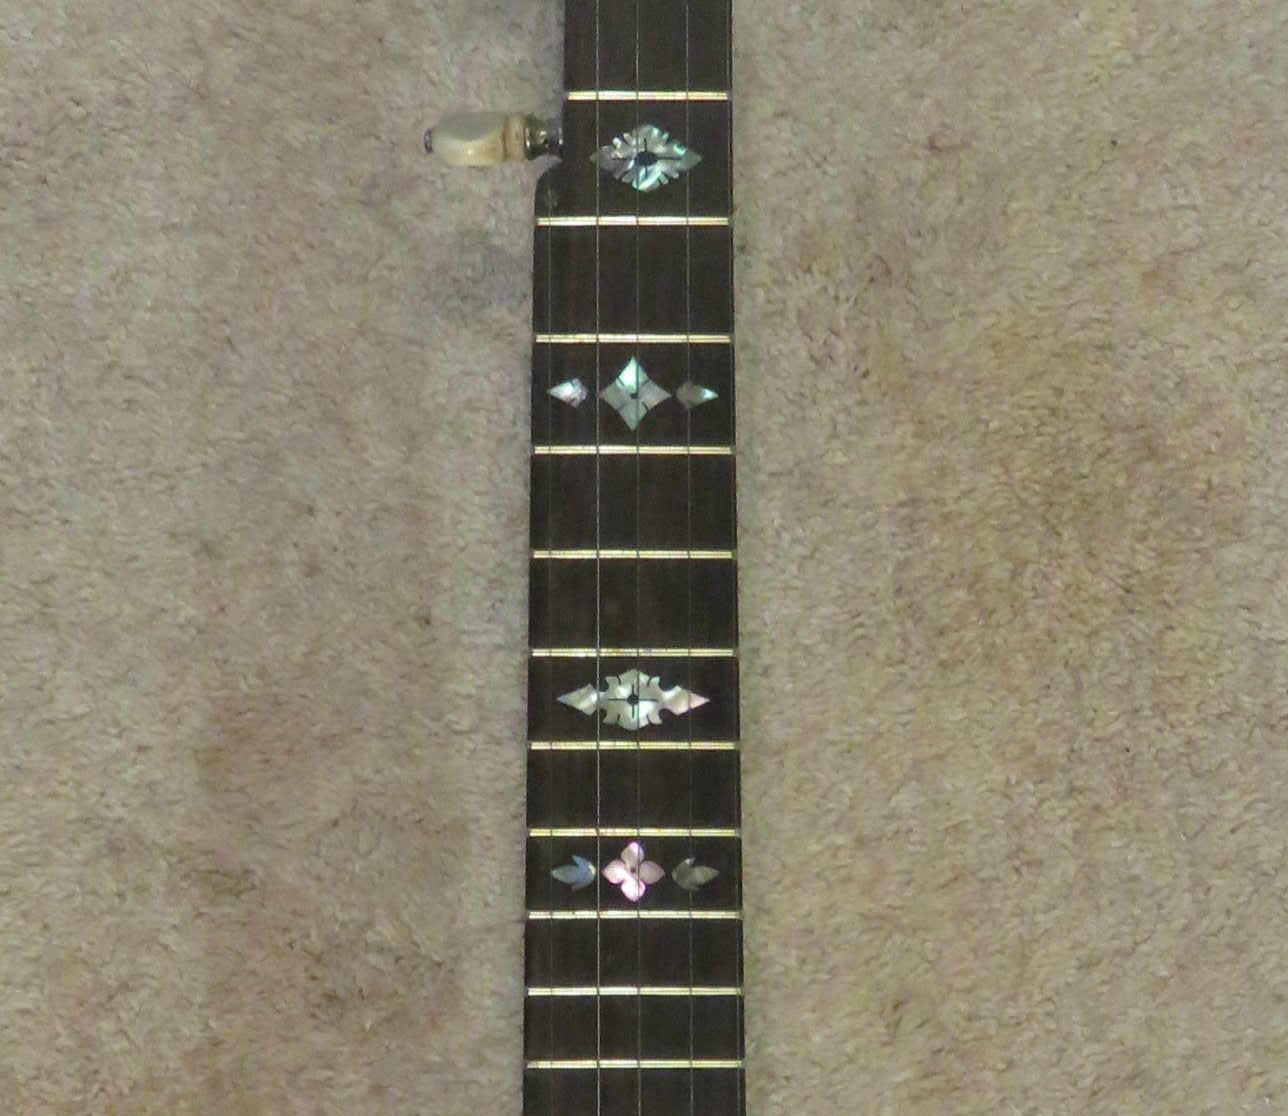 Fretted banjo neck